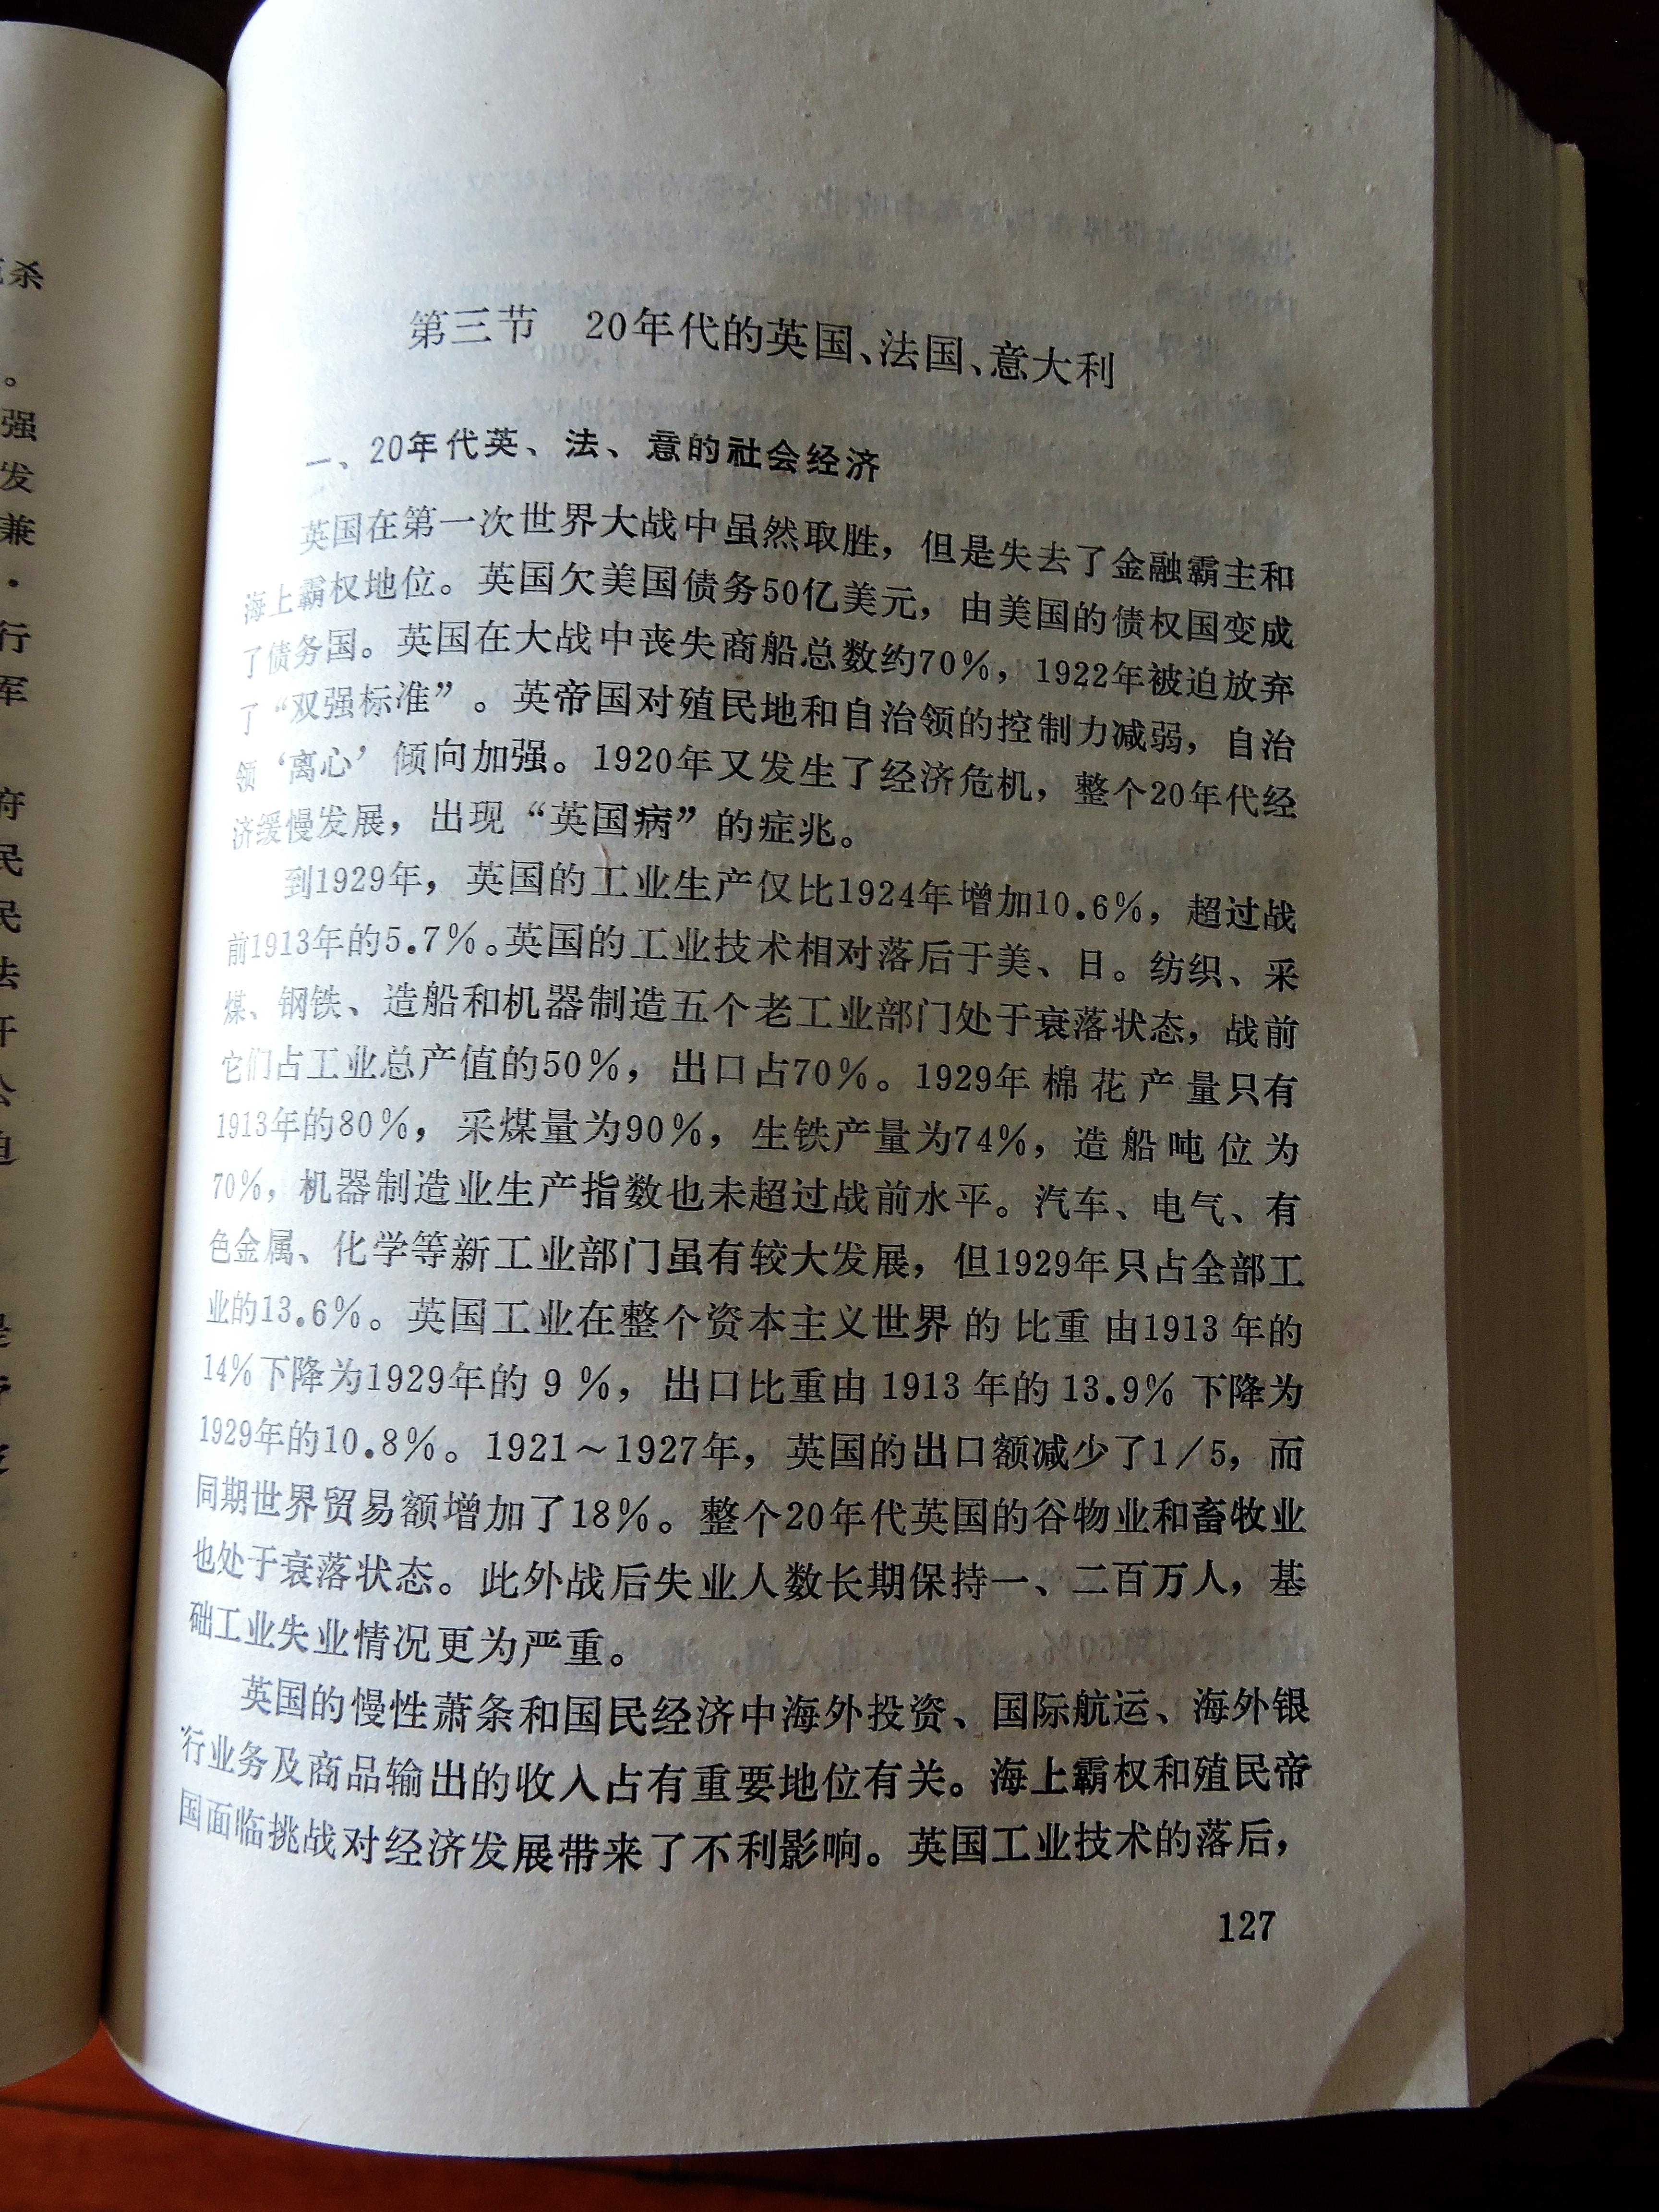 10 DSCN7855.jpg